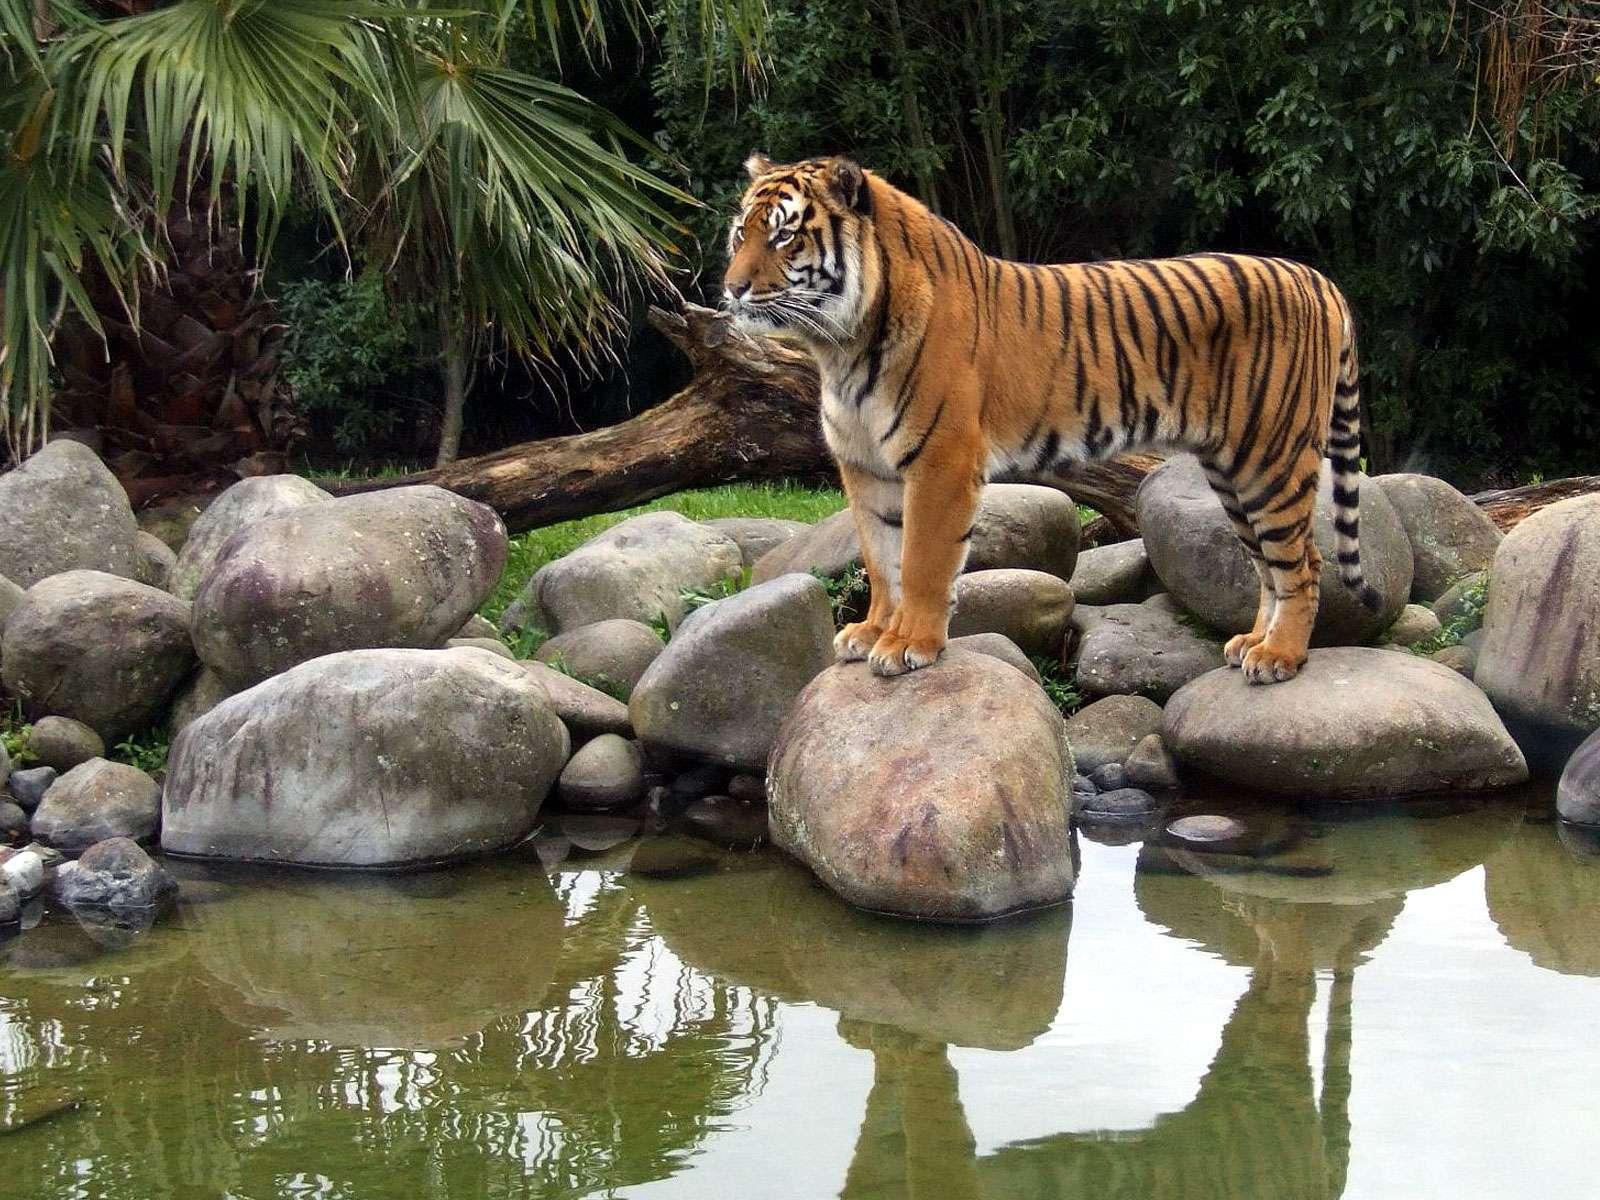 La chasse et l'extension de la présence humaine ont poussé le tigre sauvage au bord de l'extinction. Des contreforts de l'Himalaya aux régions isolées du nord-est en passant par les plaines du nord du pays, l'Inde compte une cinquantaine de réserves destinées à préserver l'animal. © fotolia